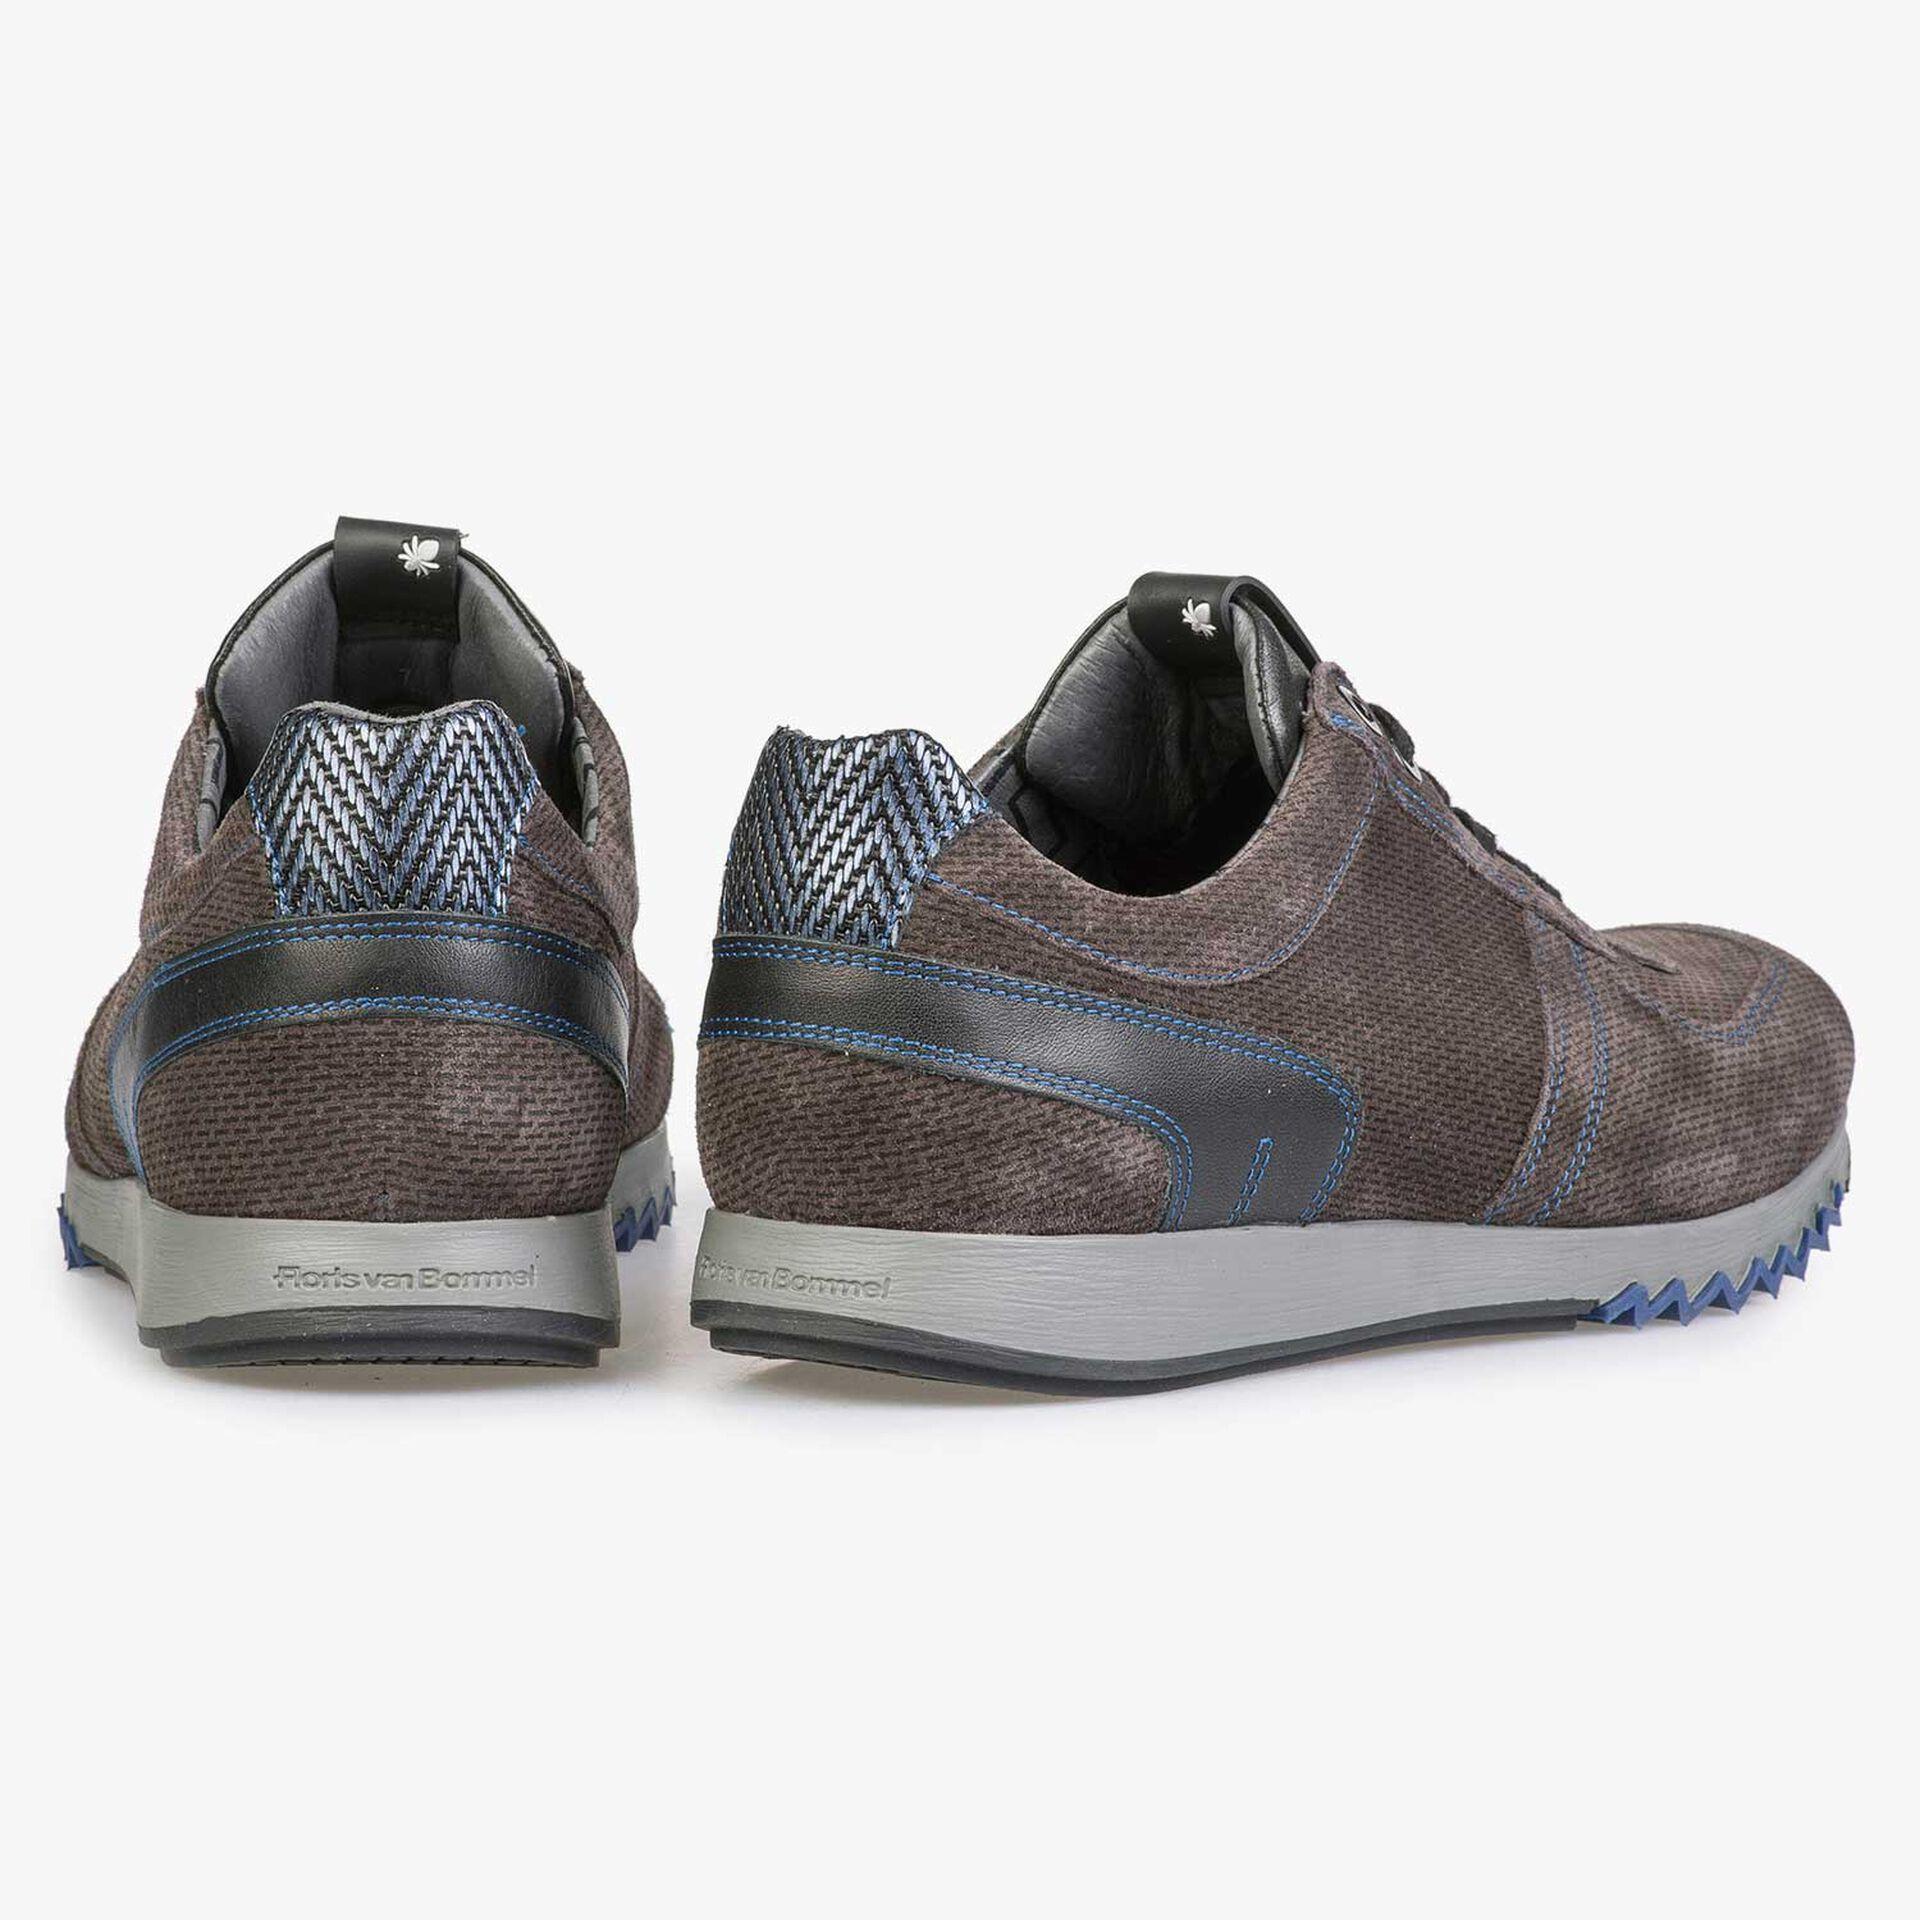 Graubrauner Sneaker mit kobaltblauen Details